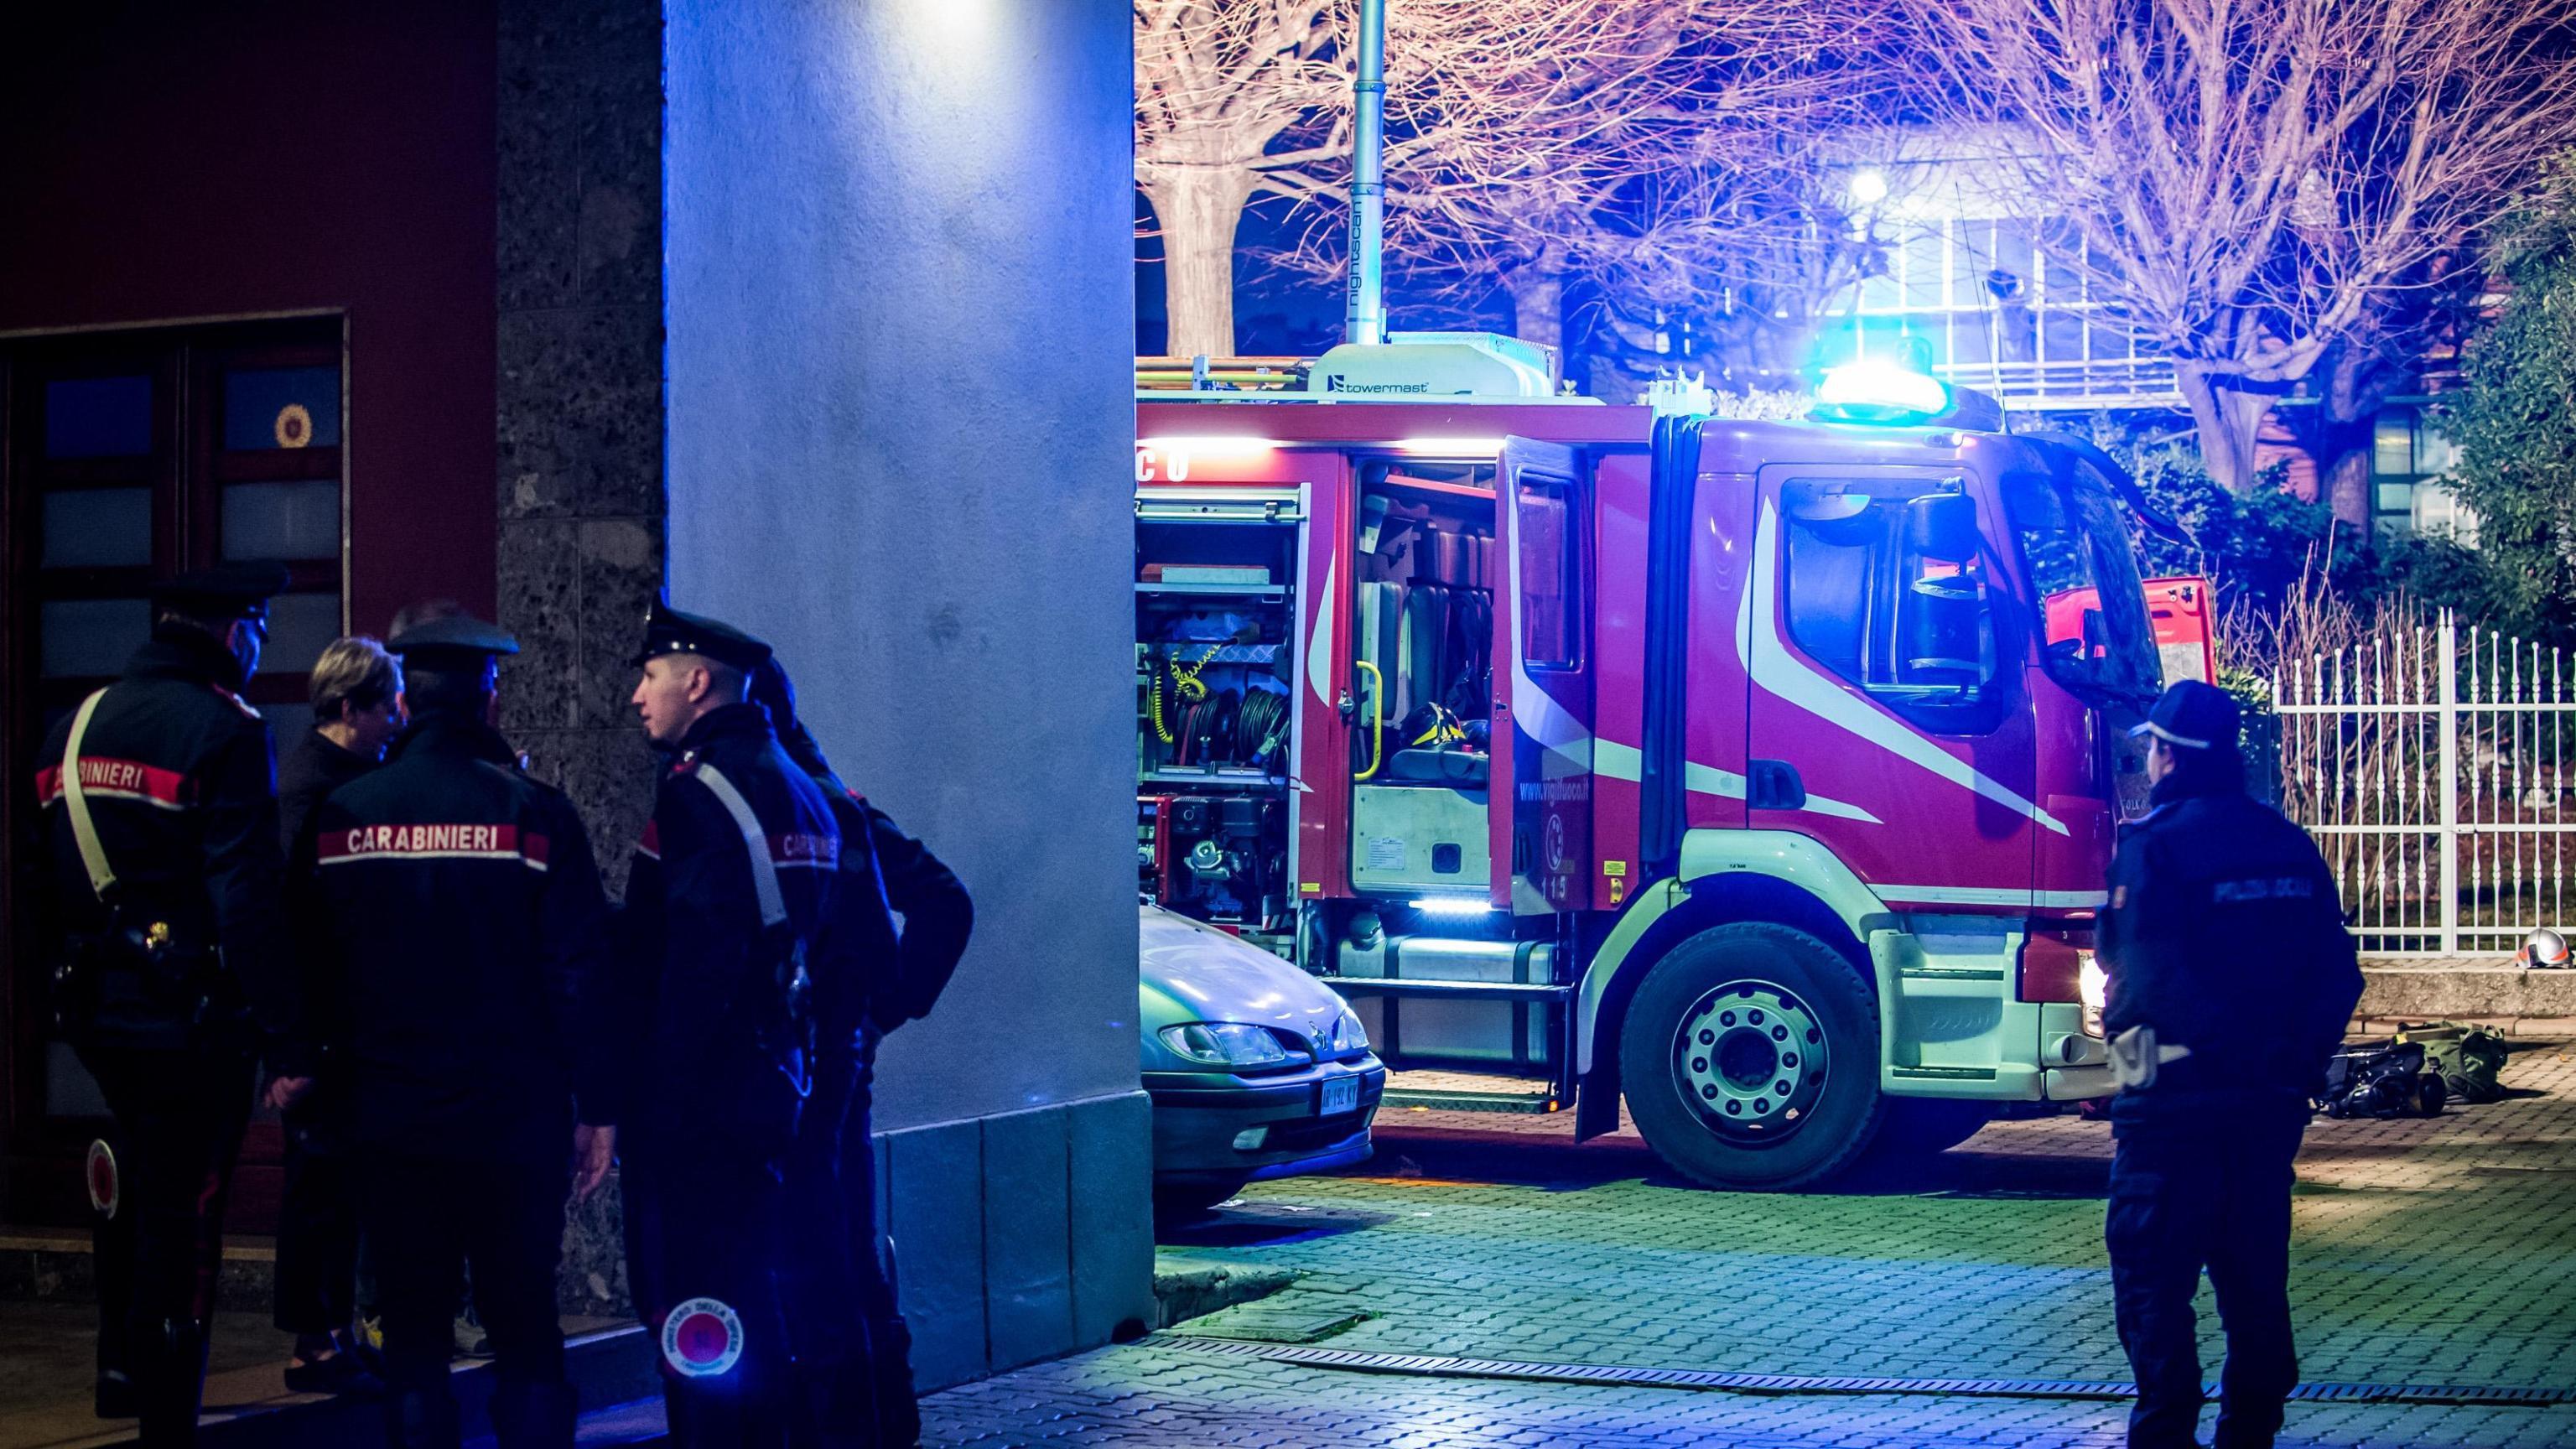 Incidente Milano, pm: omicidio colposo